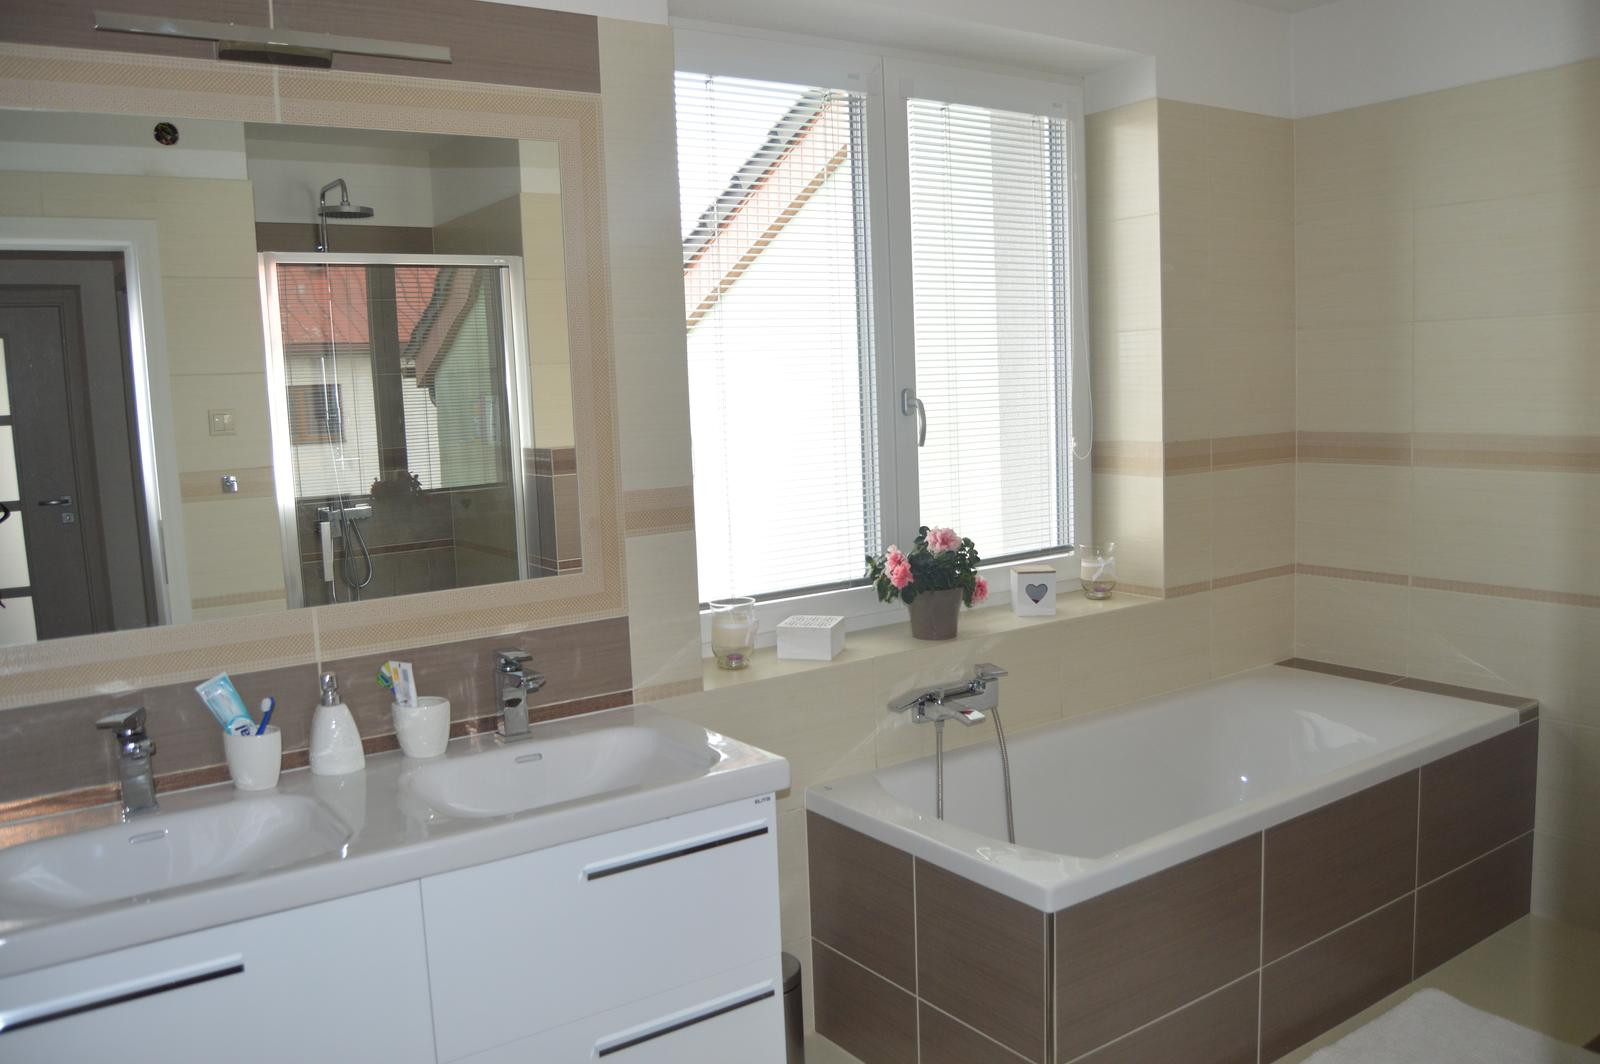 Naša rekonštrukcia - Konečne máme v kúpeľni žalúzie a ja sa po mesiaci čakania môžem konečne okúpať :D